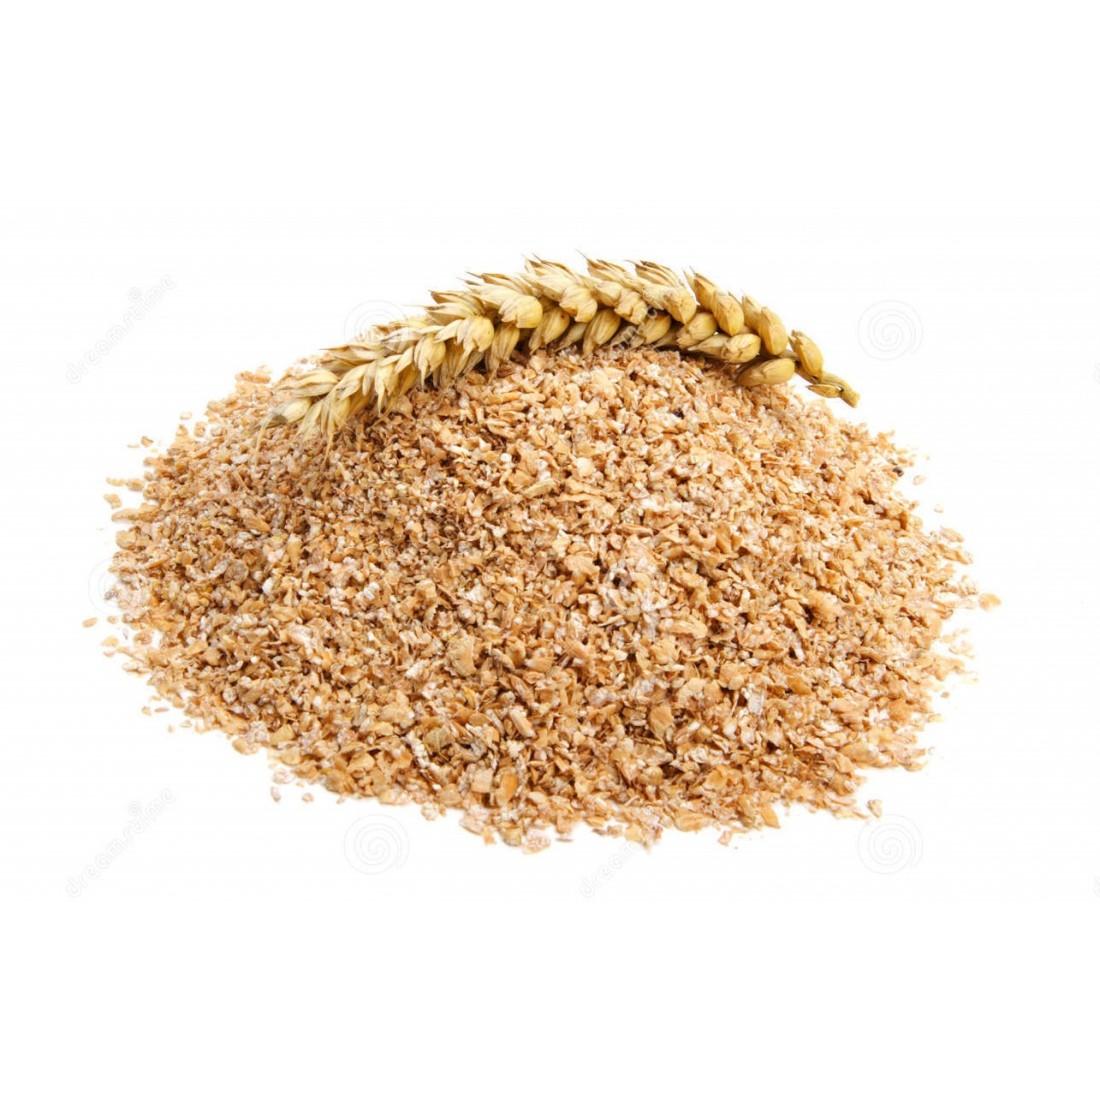 Bỏng lúa mỳ hữu cơ Bio (500g)-Thế giới đồ gia dụng HMD